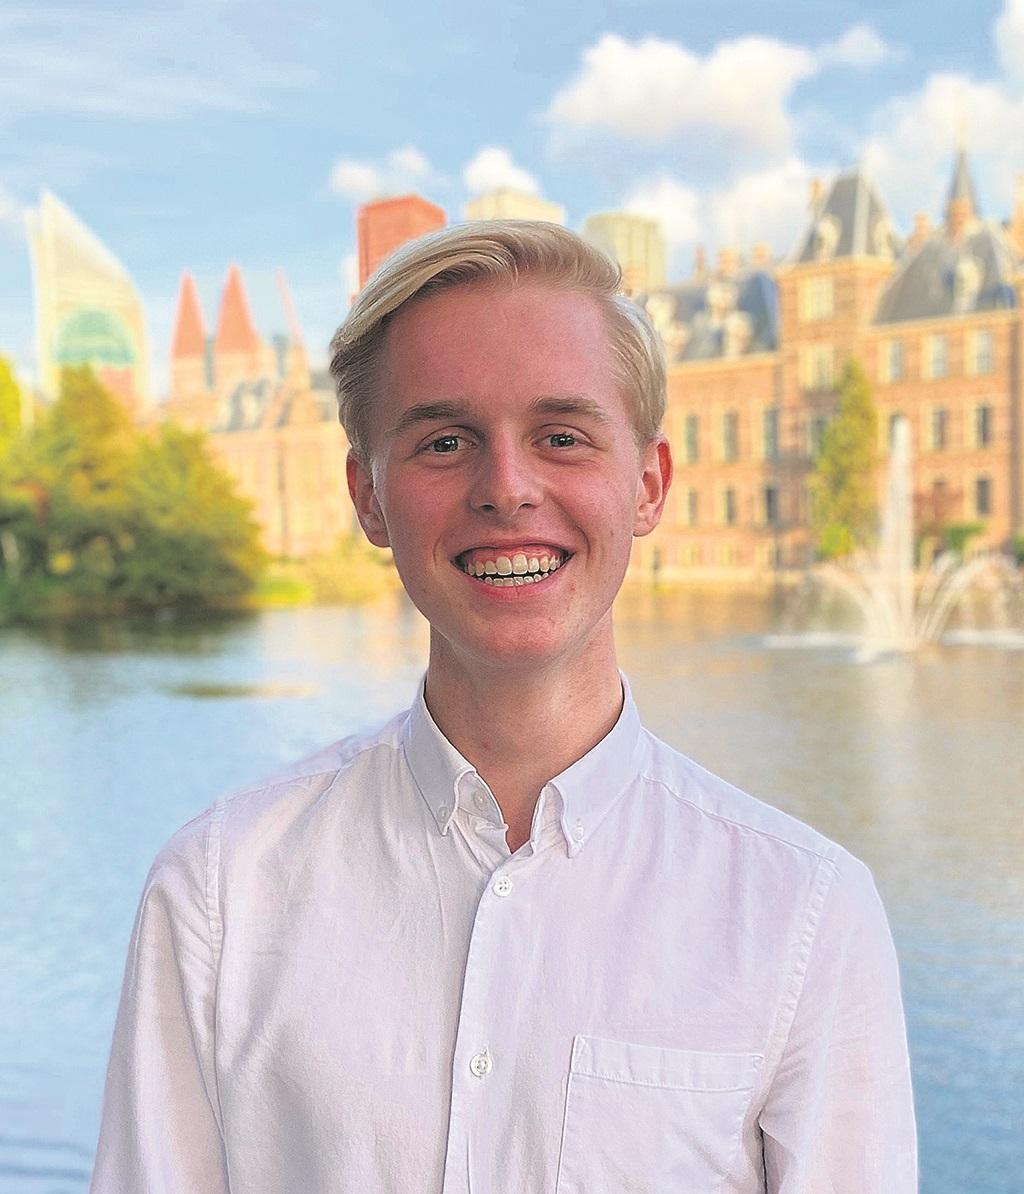 Aan de naam Tim Masselink zit het woordje politiek gekoppeld: 'Plek op VVD-lijst in 2022 zou heel gaaf zijn'